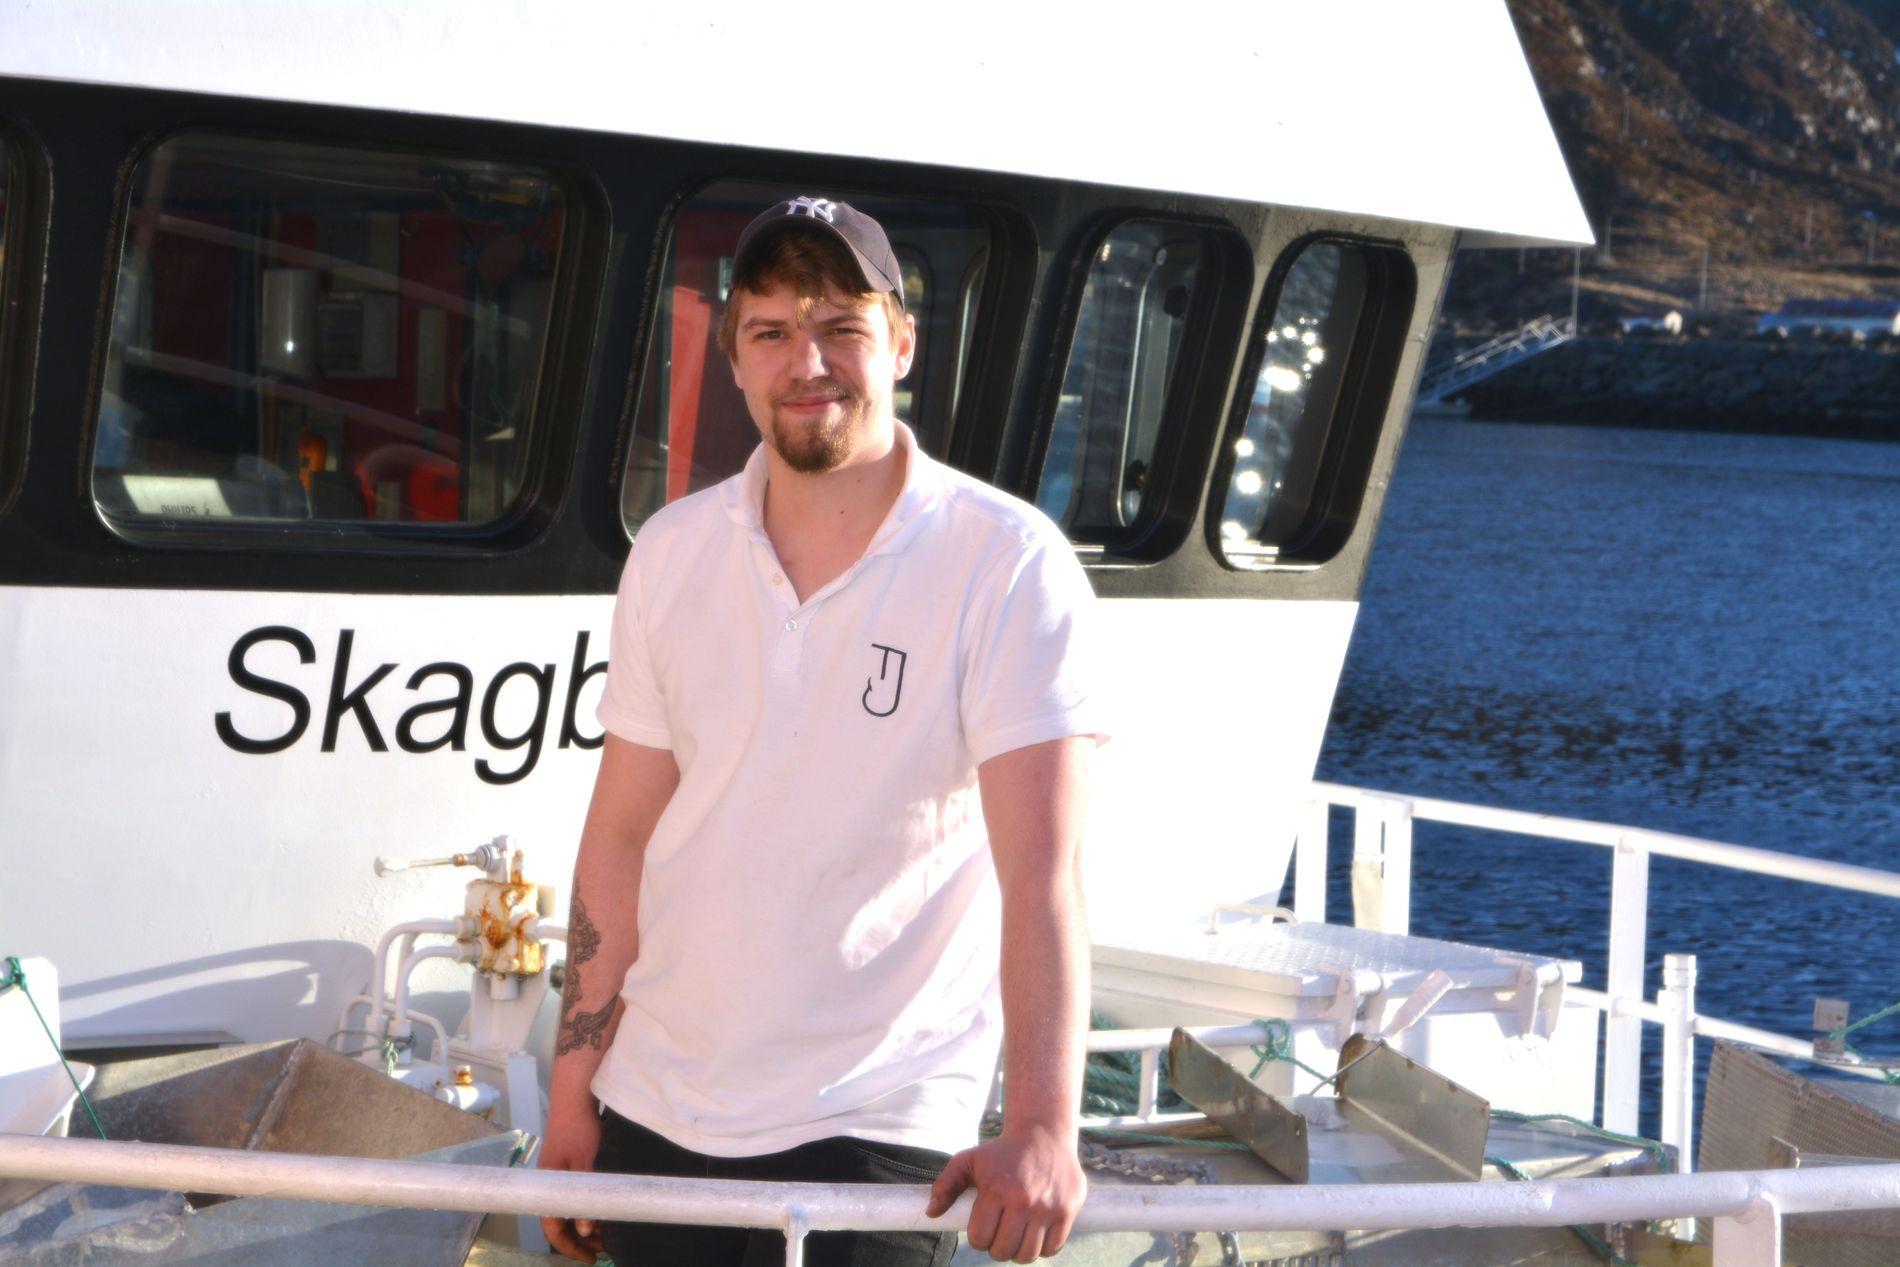 NYE SØK: Truls Henrik Johansen har vært savnet siden 15. juni. Søket etter 23-åringen fortsetter i nye havområder fra og med lørdag.